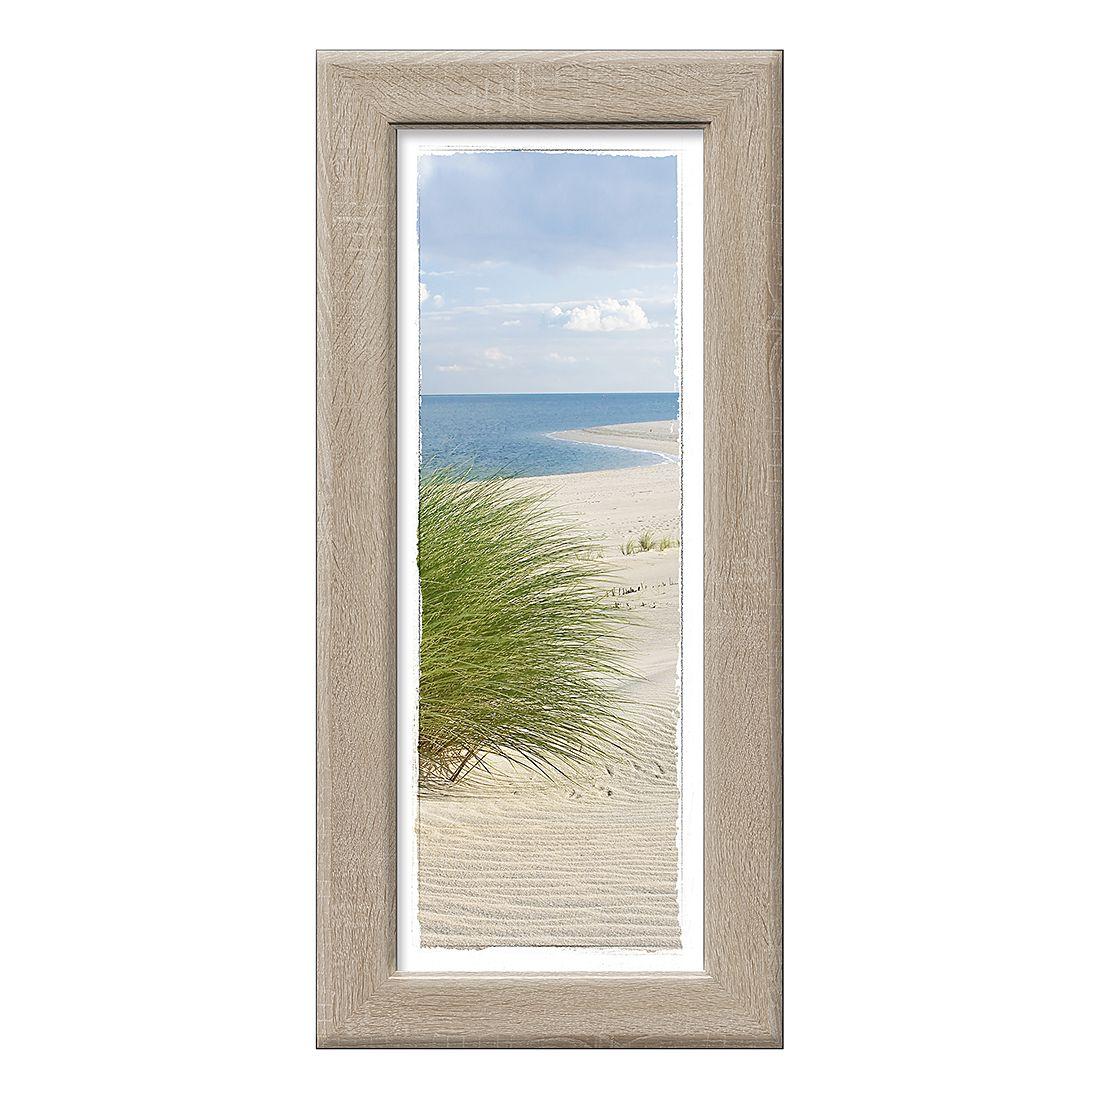 Kunstdruck Sand sedge I, Pro Art